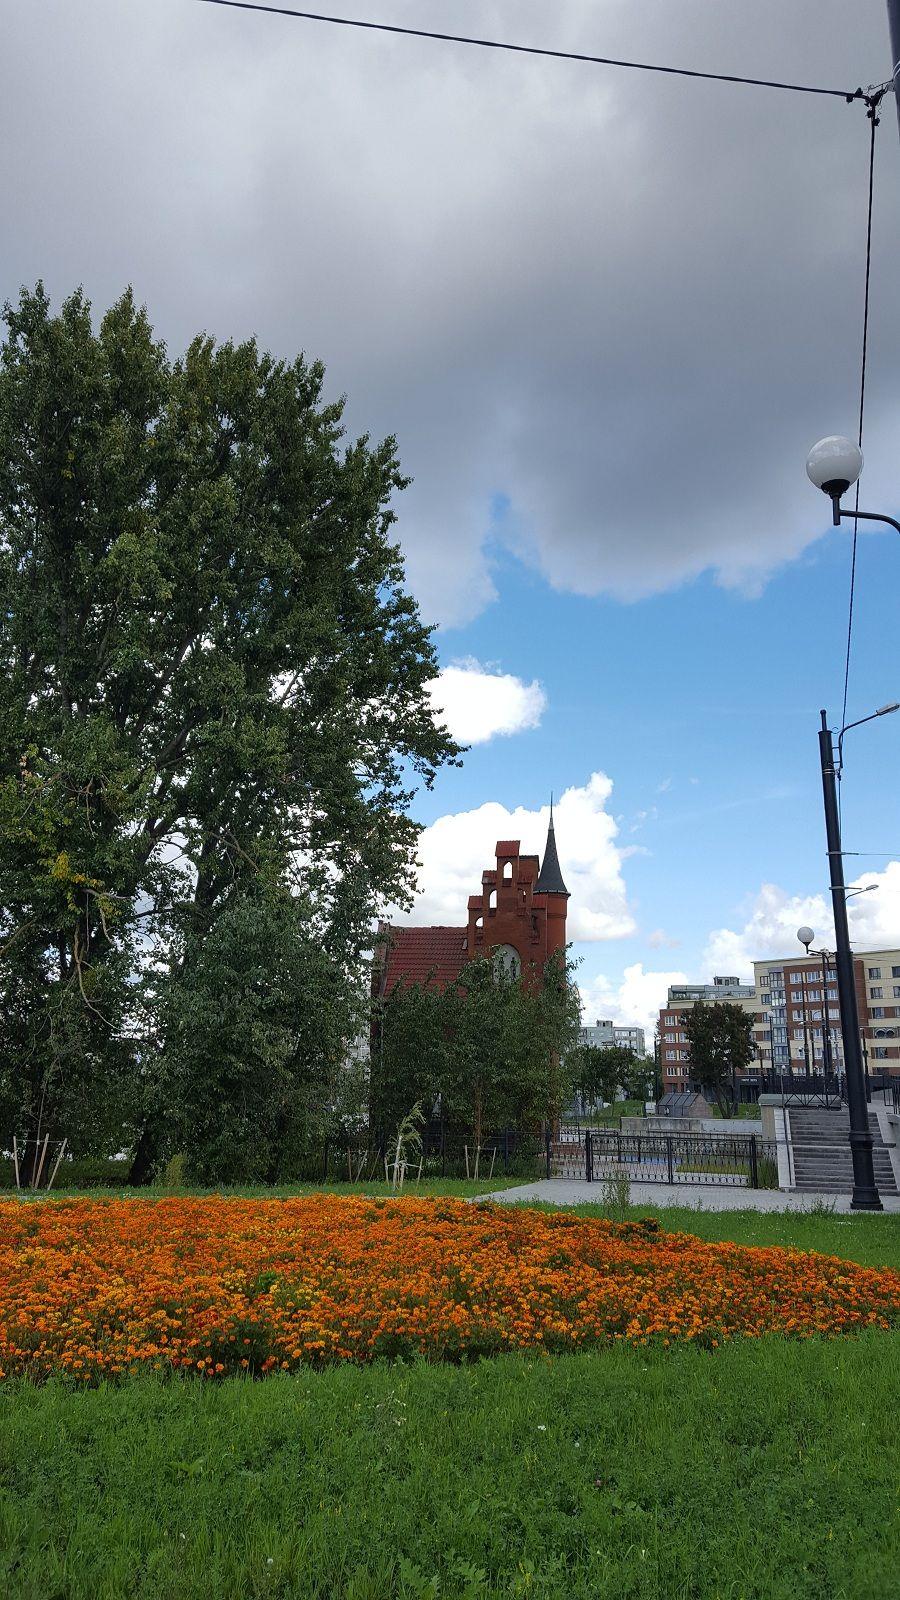 Как я провела свой день рождение, я покажу вам летний Калининград, фото 46